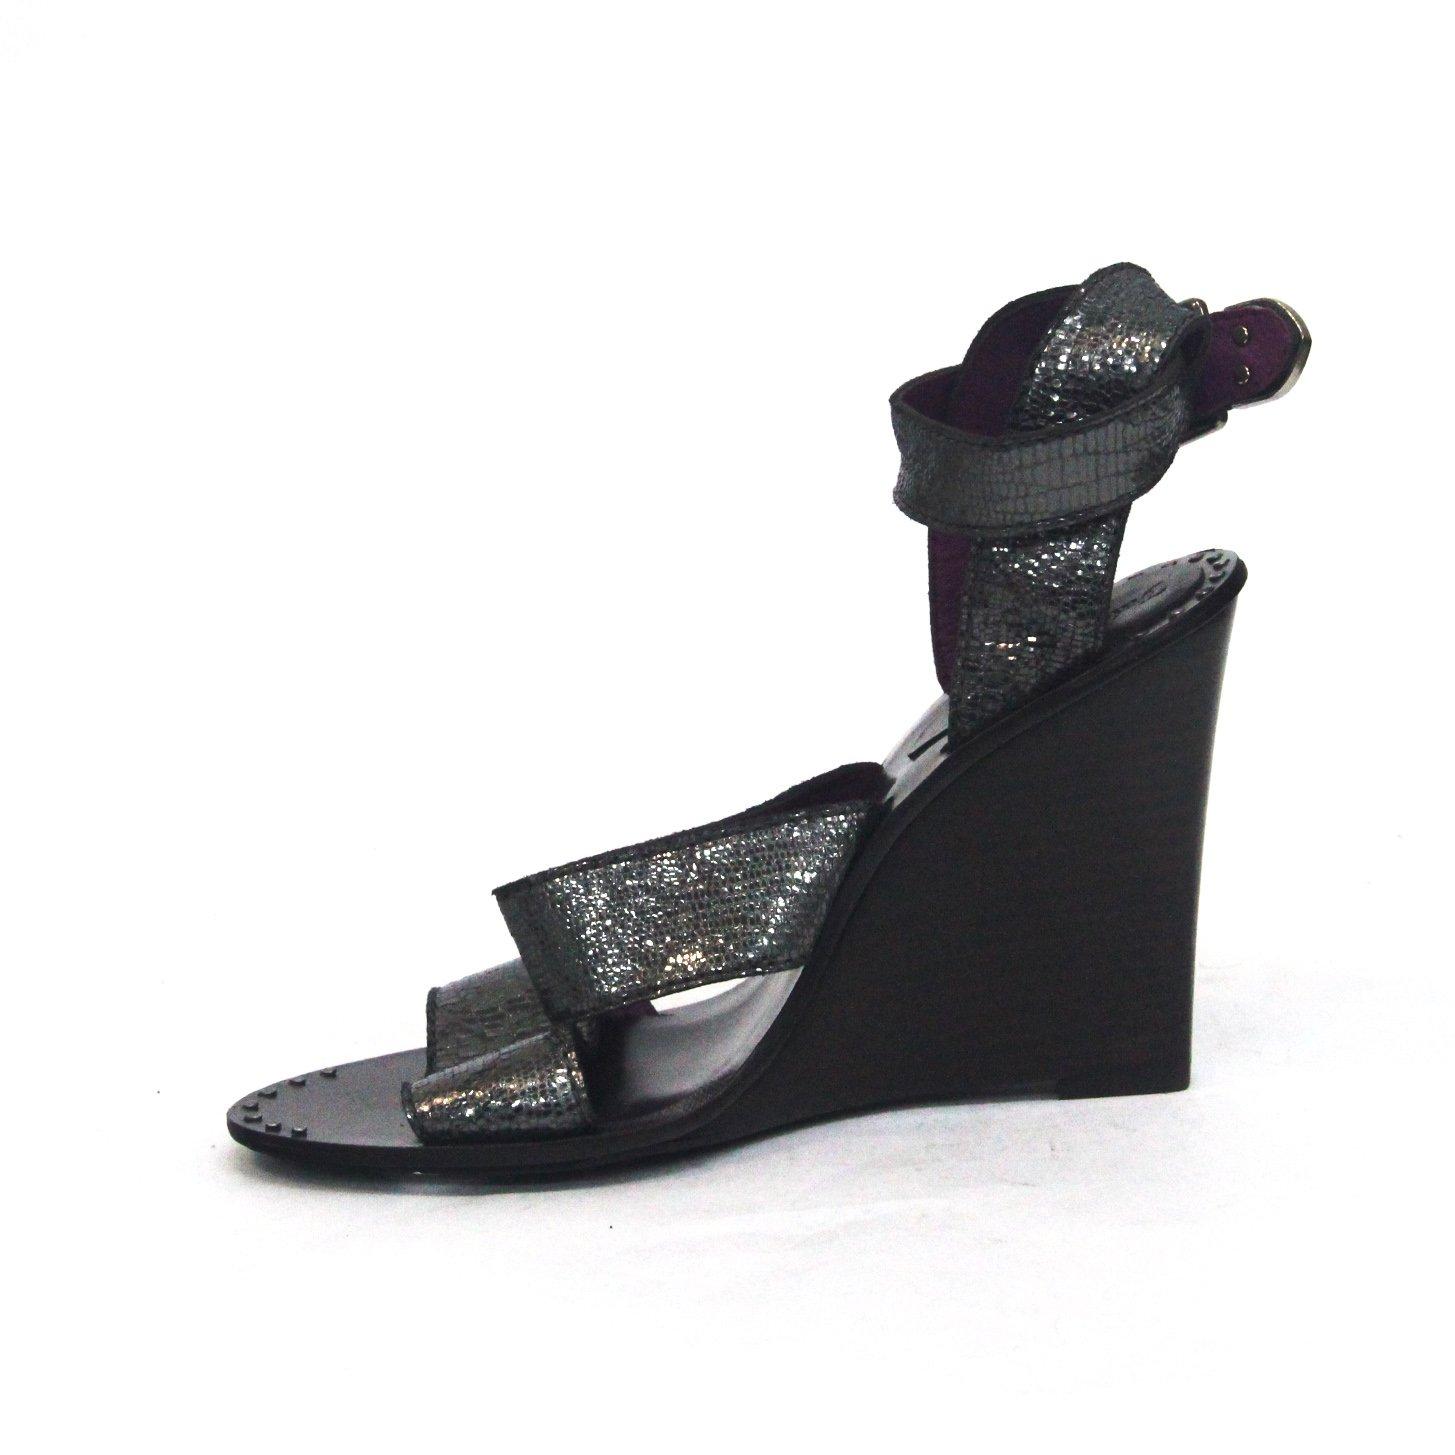 Juicy Couture Zehenöffnung Keilabsatz Sandale Sandale Sandale UK Größe 4 Grau-steel 91a23e